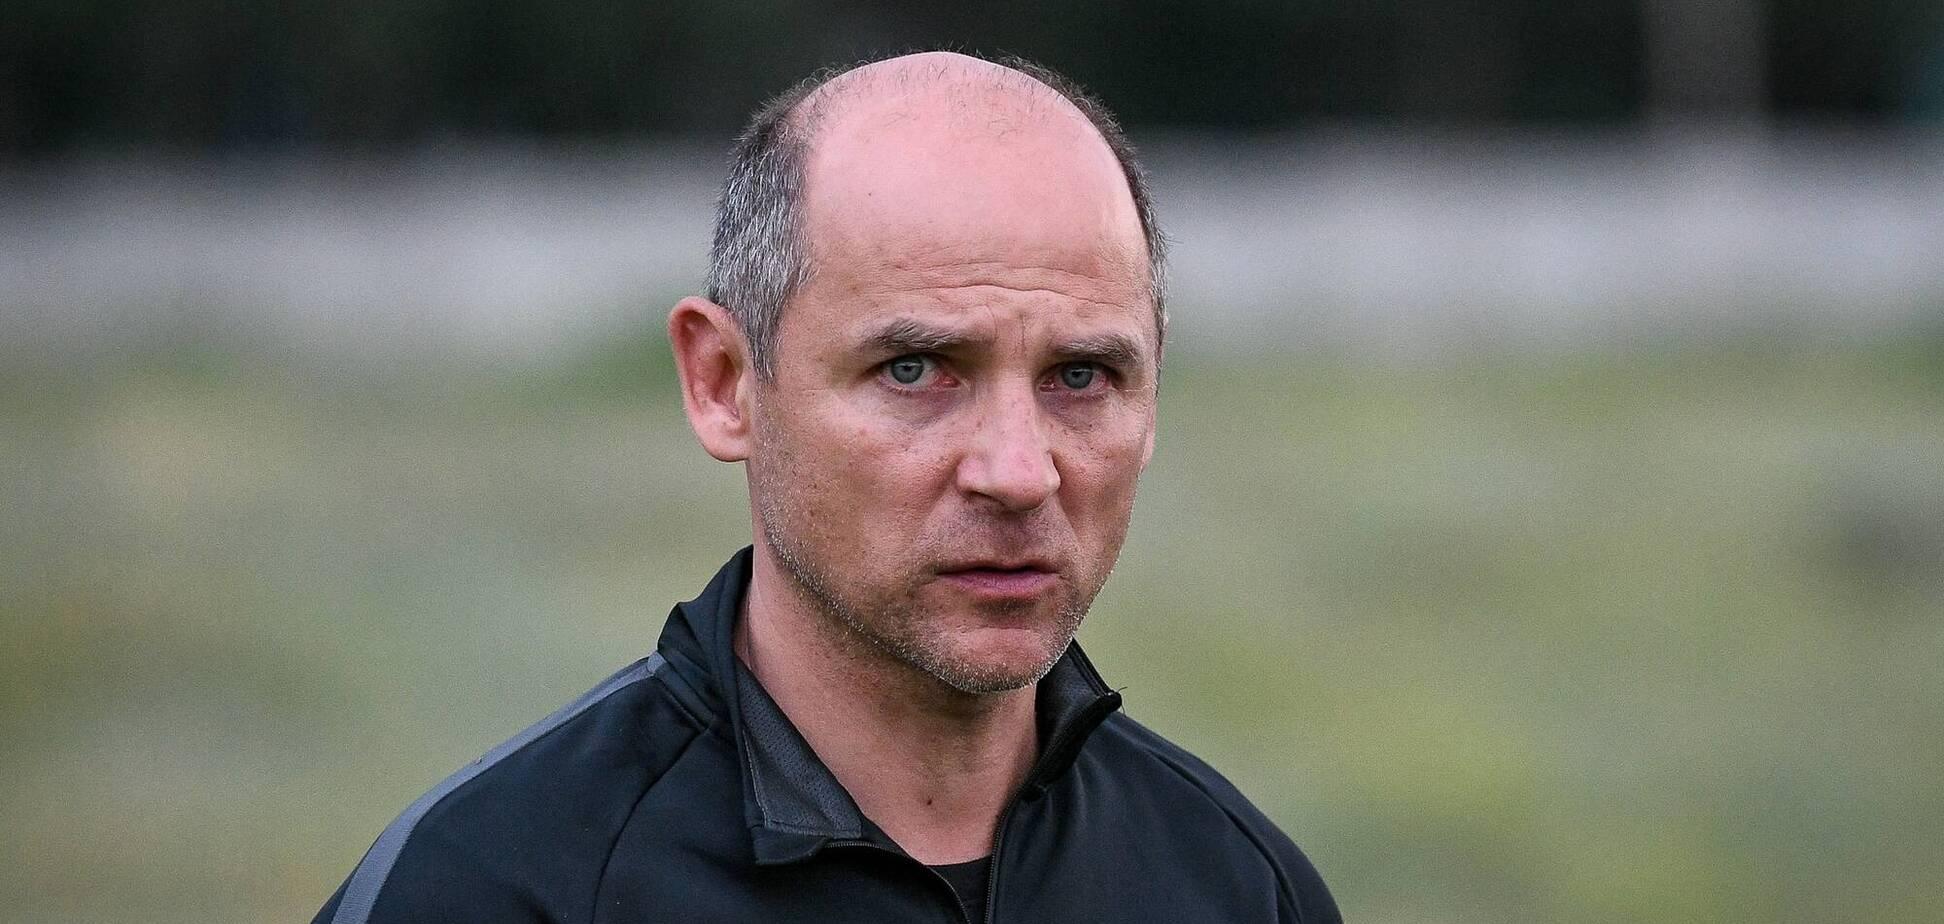 Віктор Скрипник прокоментував інформацію про переговори з 'Динамо'